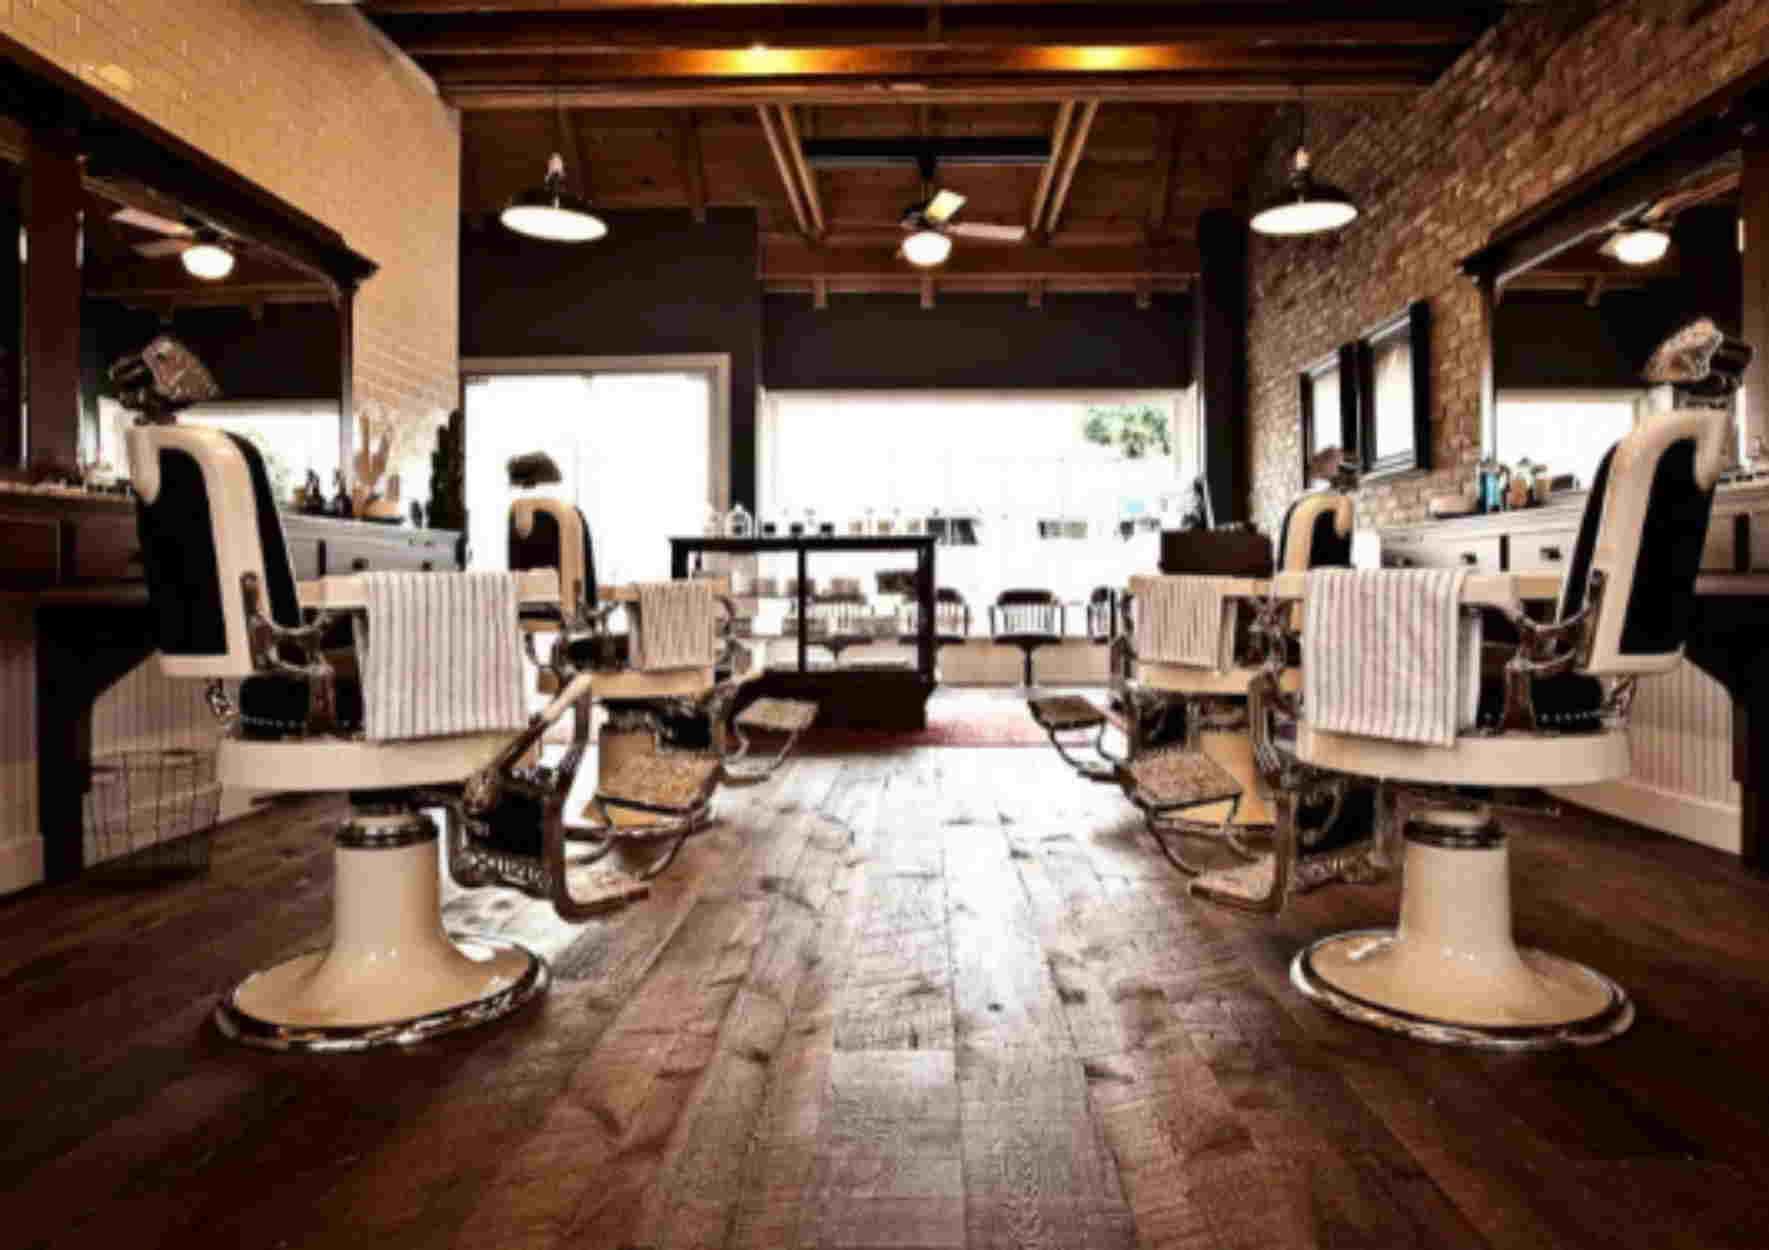 Σας ταξιδεύουμε στα 10 κορυφαία barber shops στον κόσμο